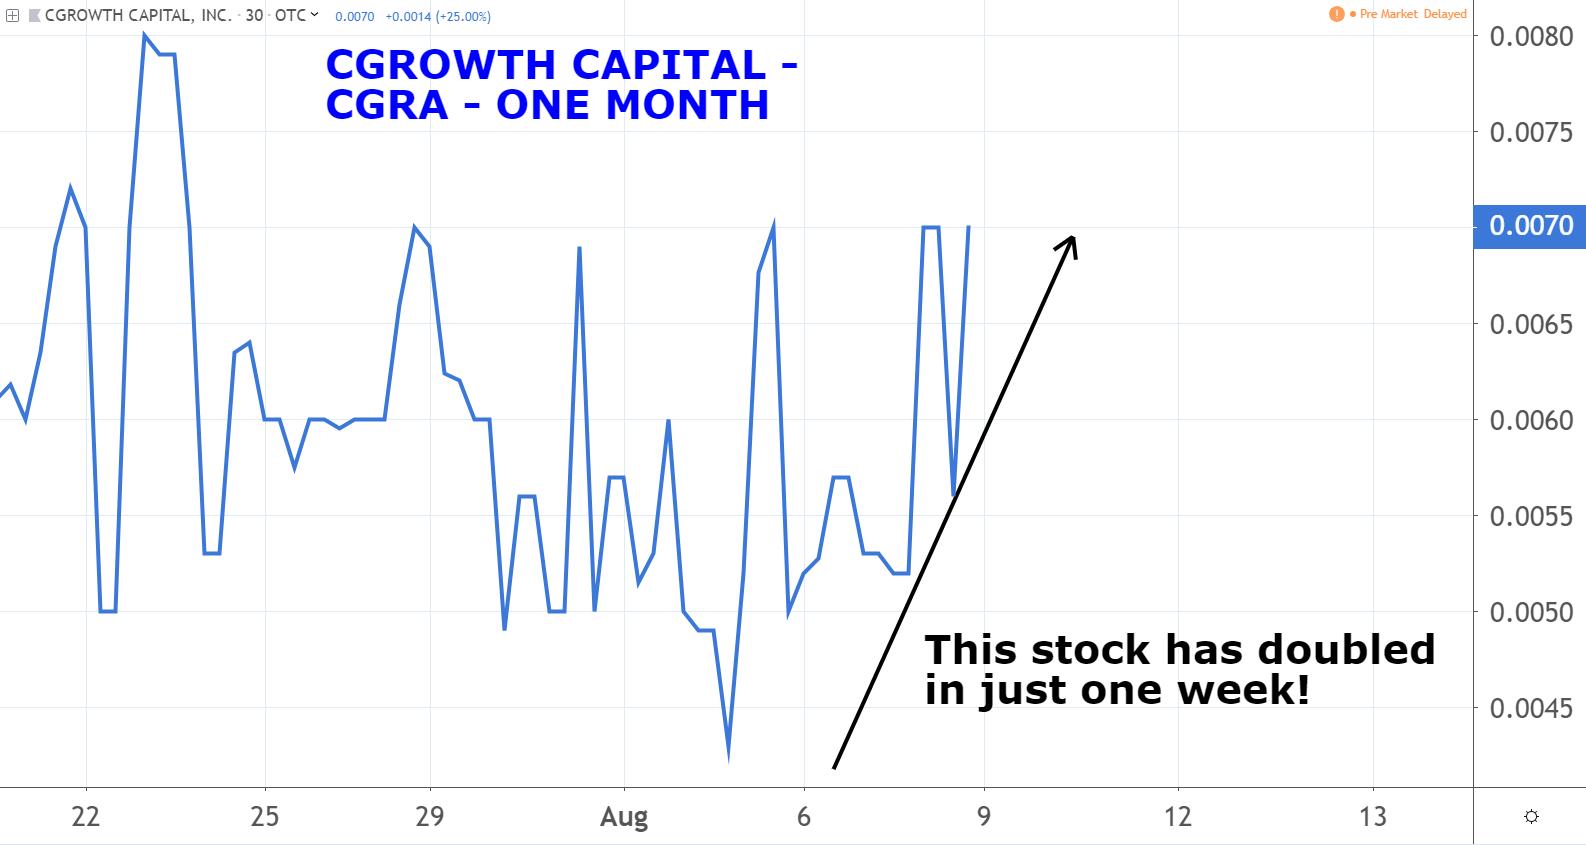 Marijuana Penny Stocks: CGrowth Capital (CGRA)